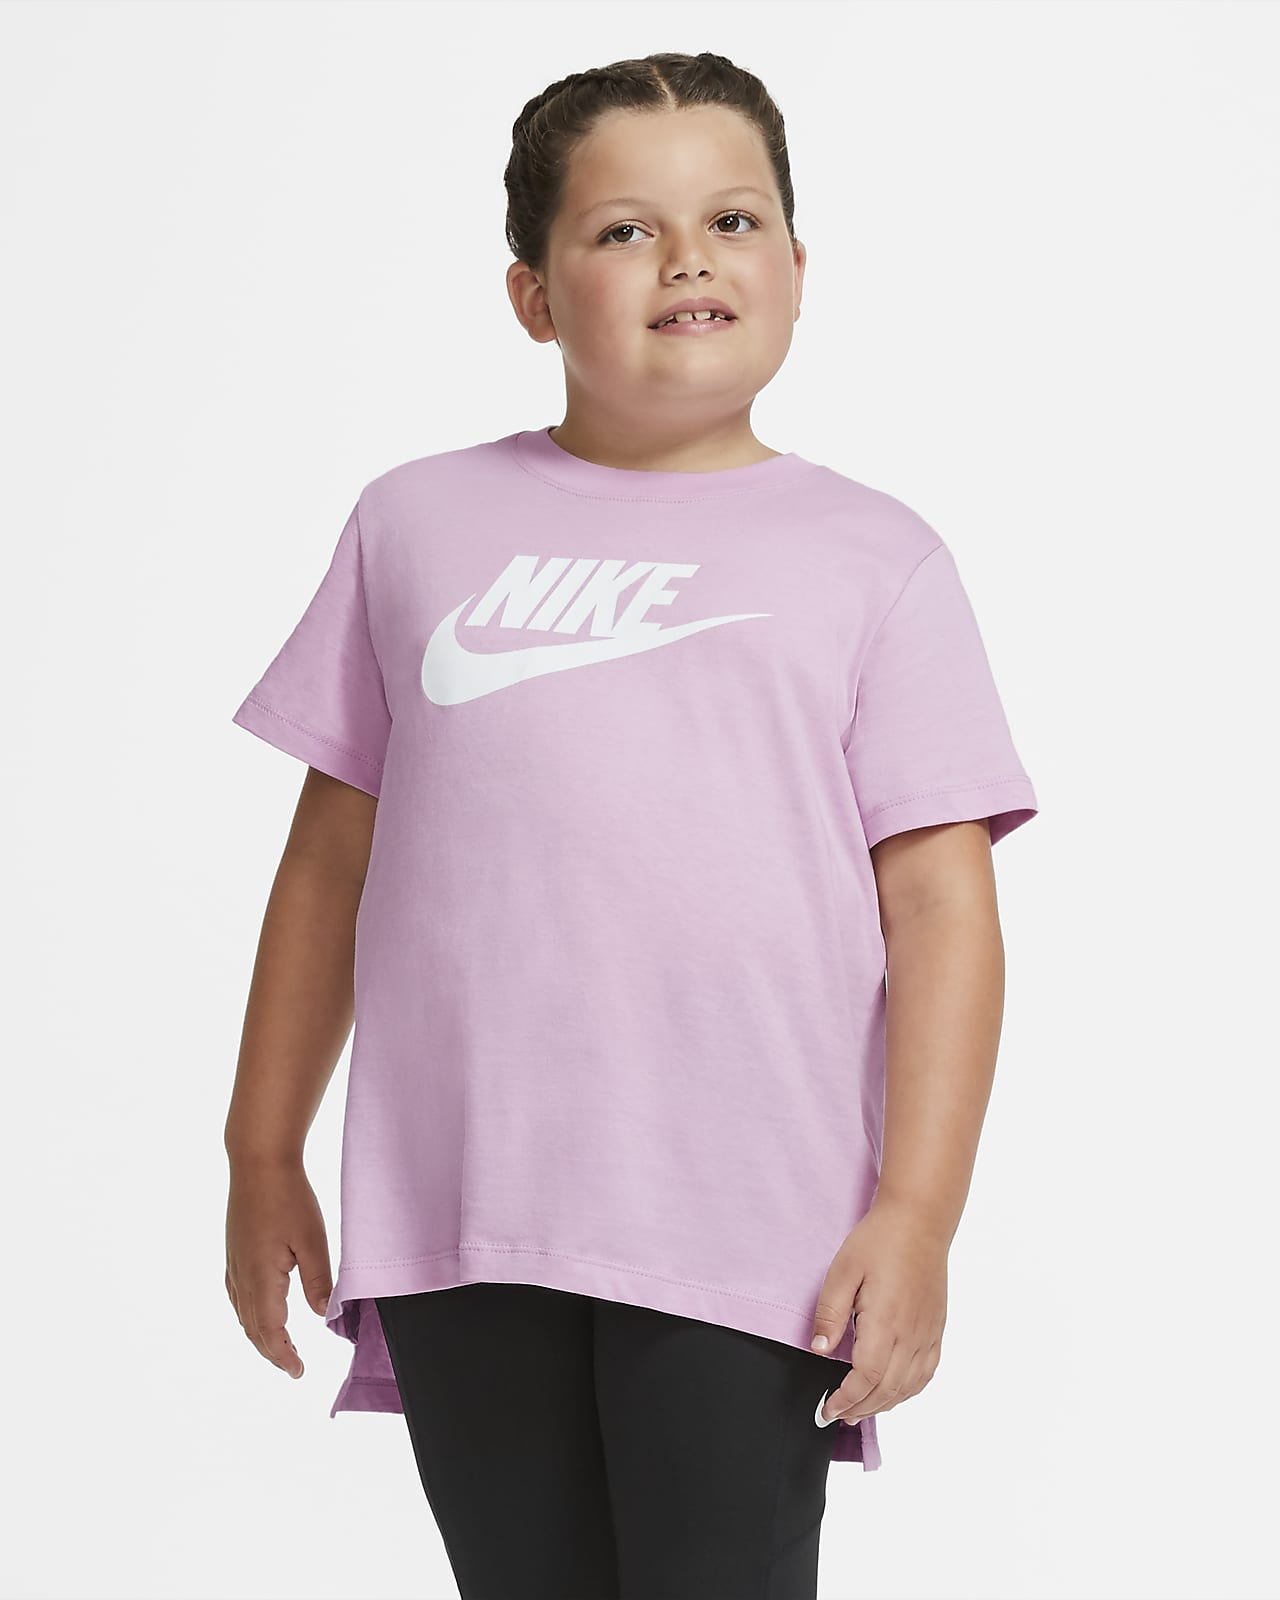 T-shirt dla dużych dzieci (dziewcząt) Nike (o wydłużonym rozmiarze)